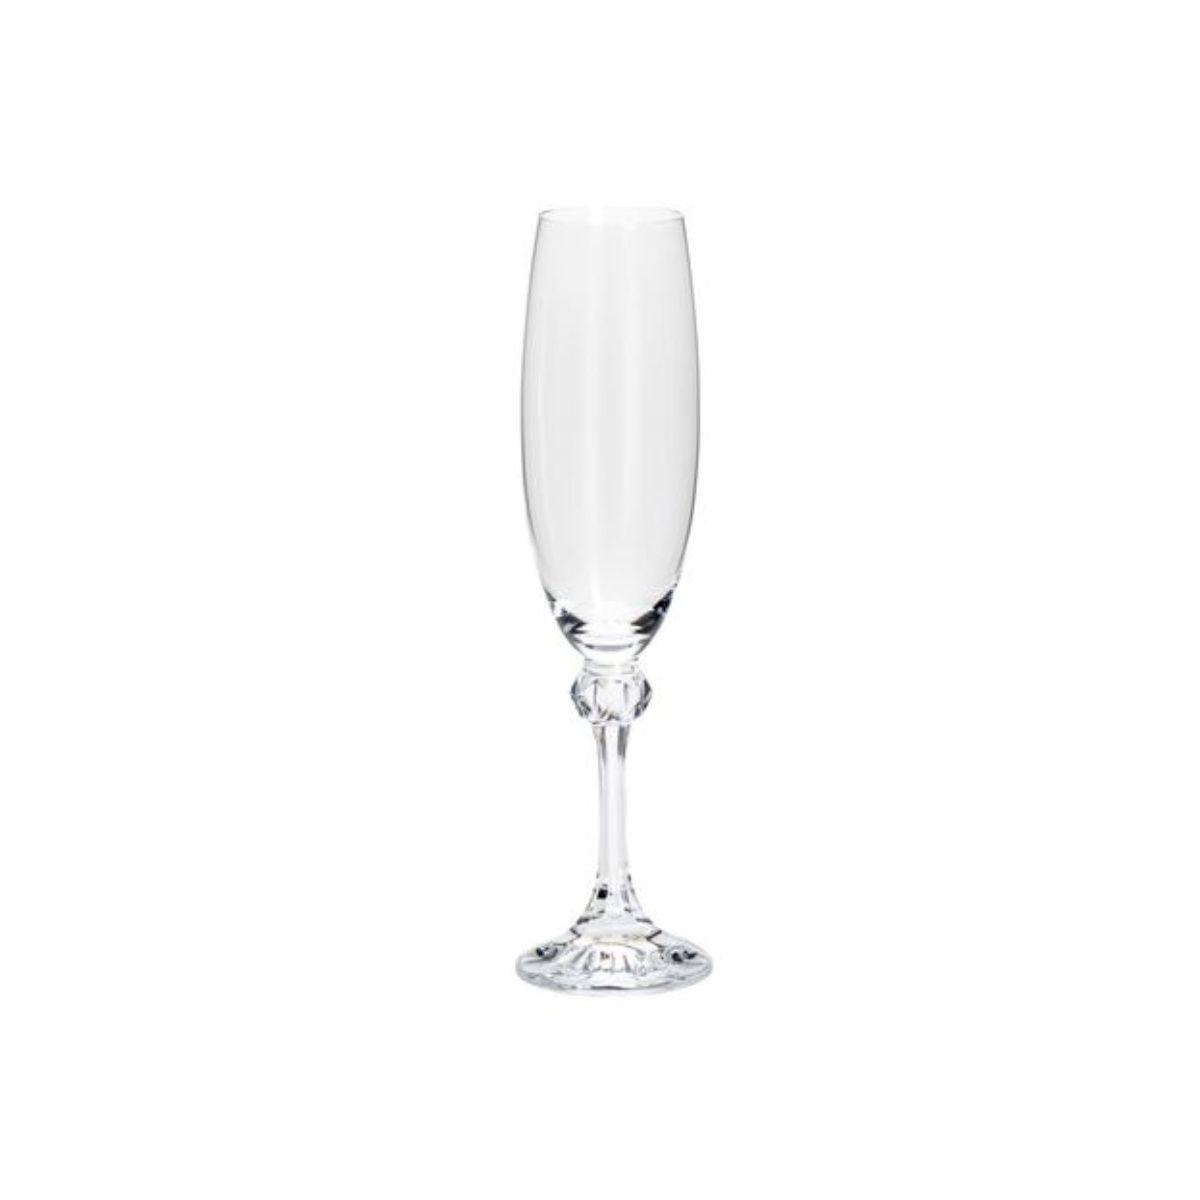 Jogo Taça de Cristal para Champanhe Bohemia Elisa 220ml (6 peças)